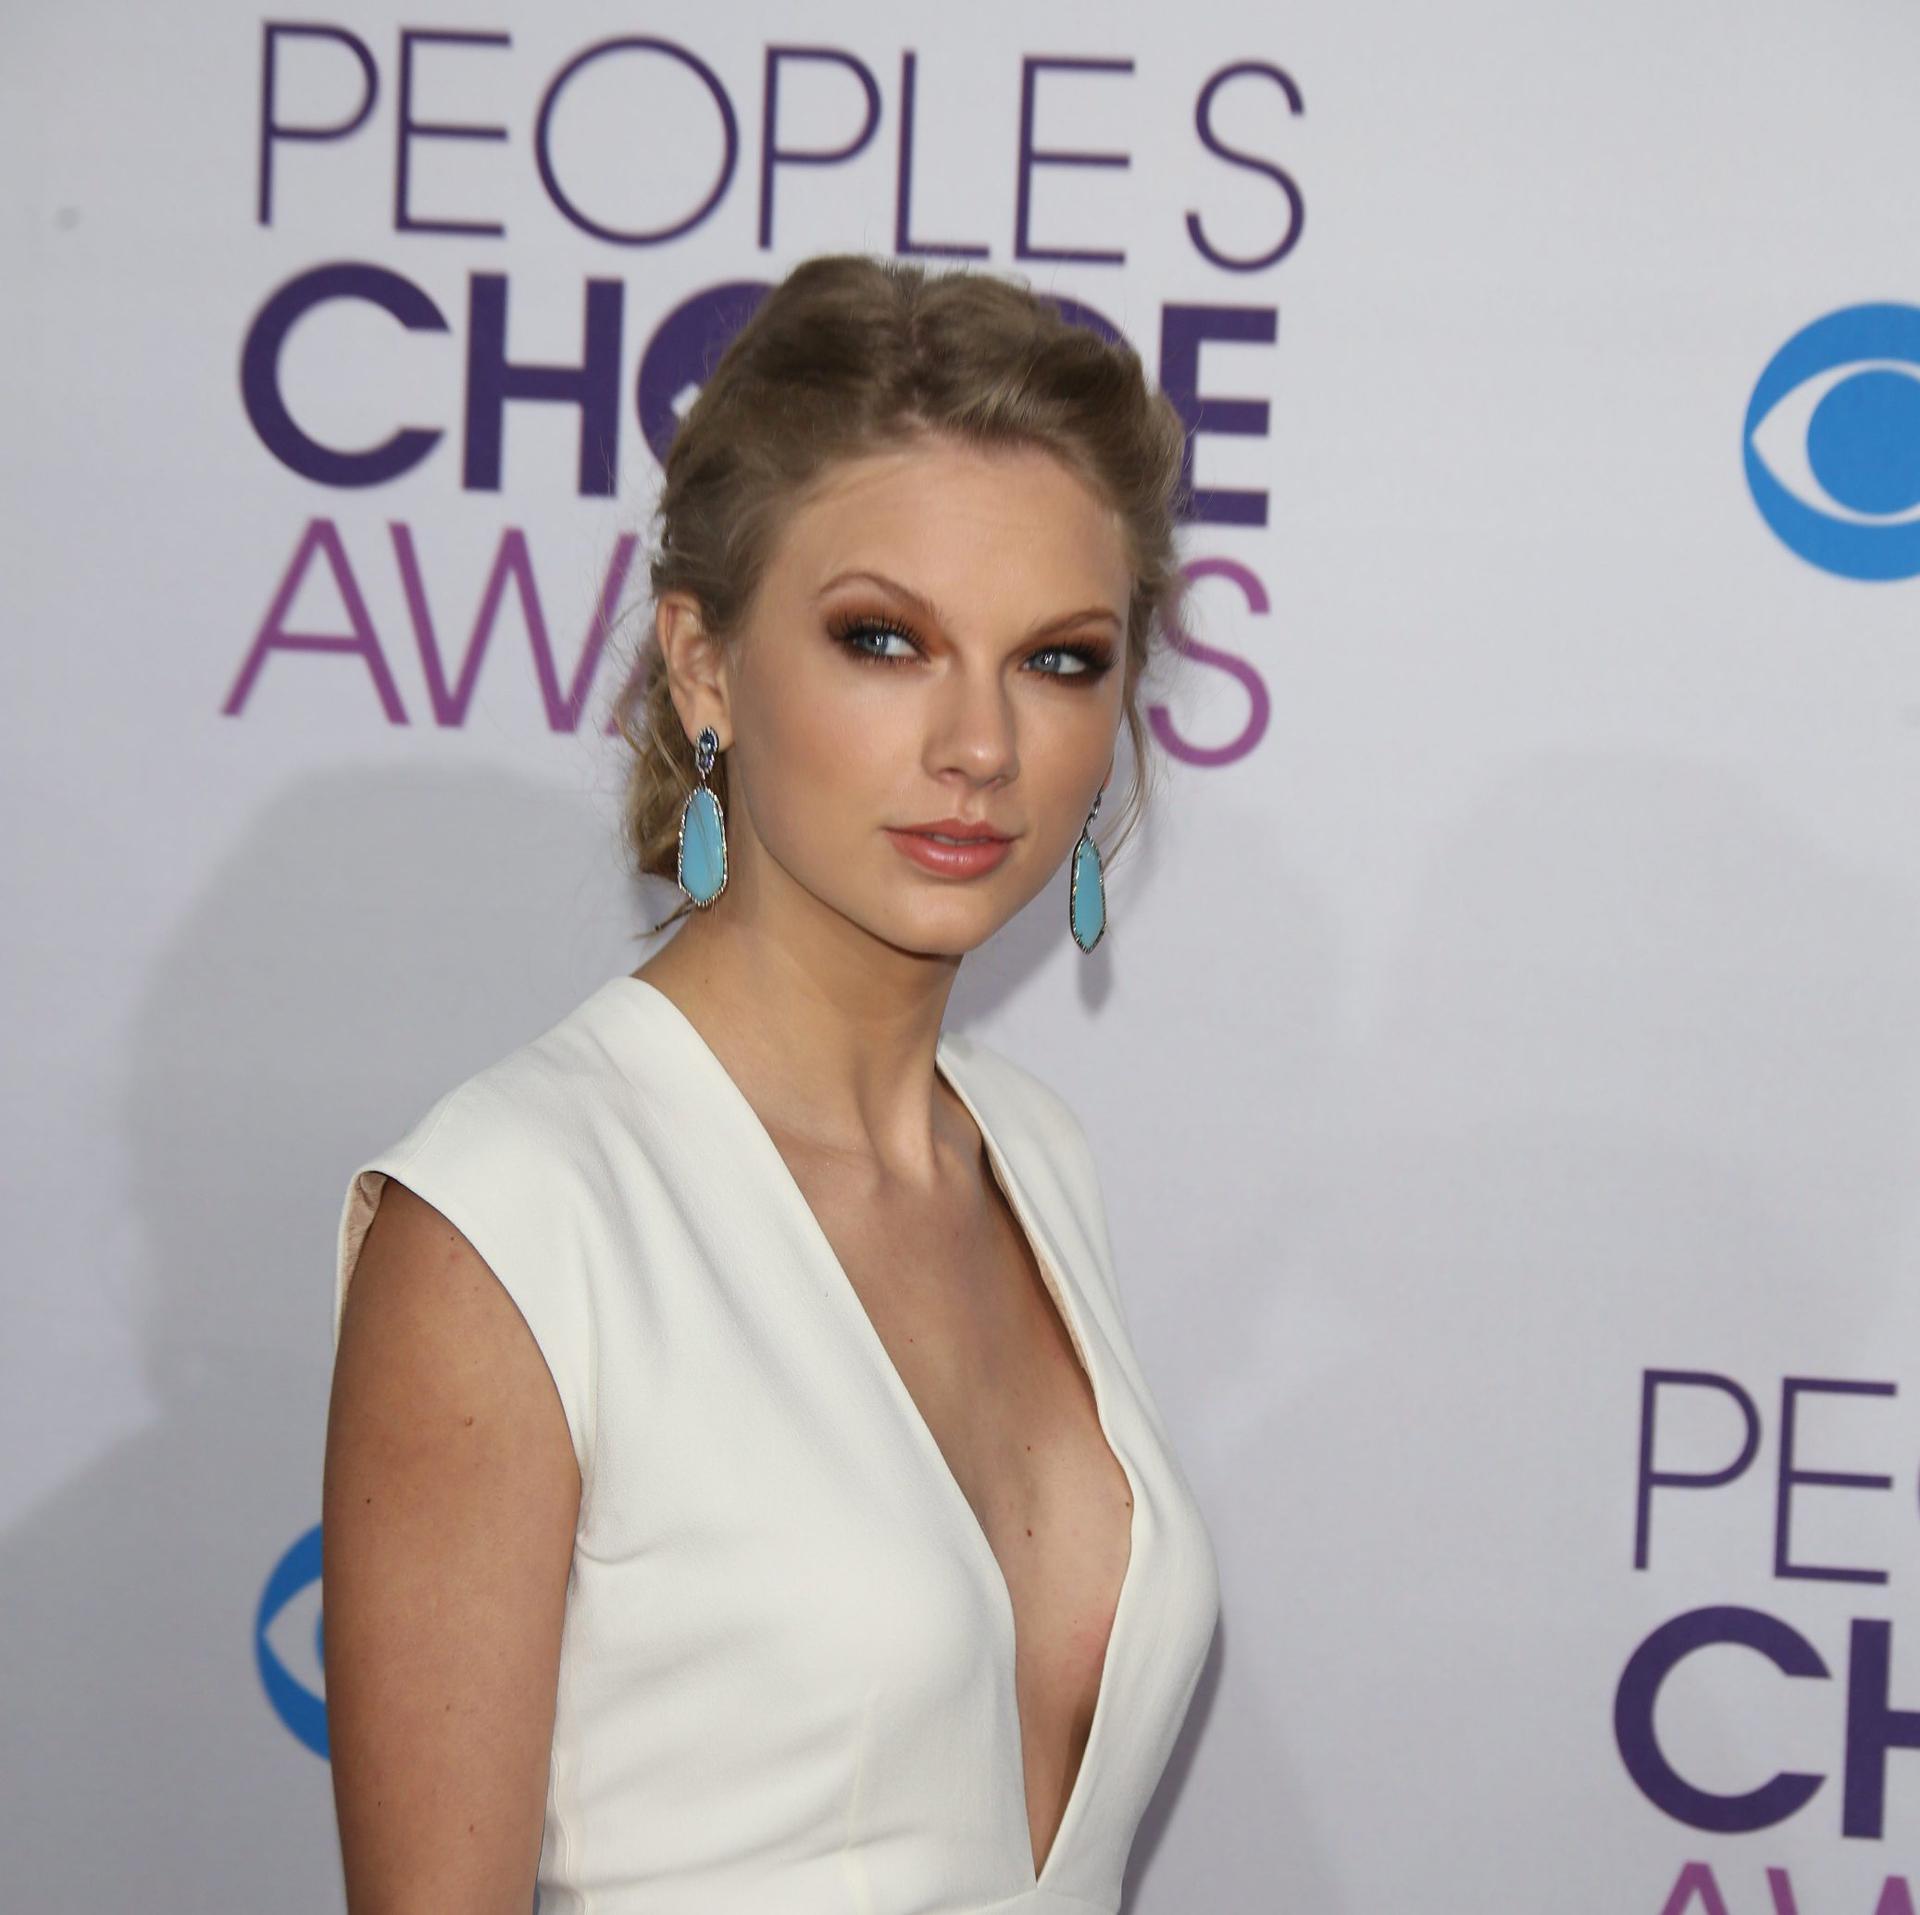 People s Choice Awards 2016 nominacje w muzycznych kategoriach